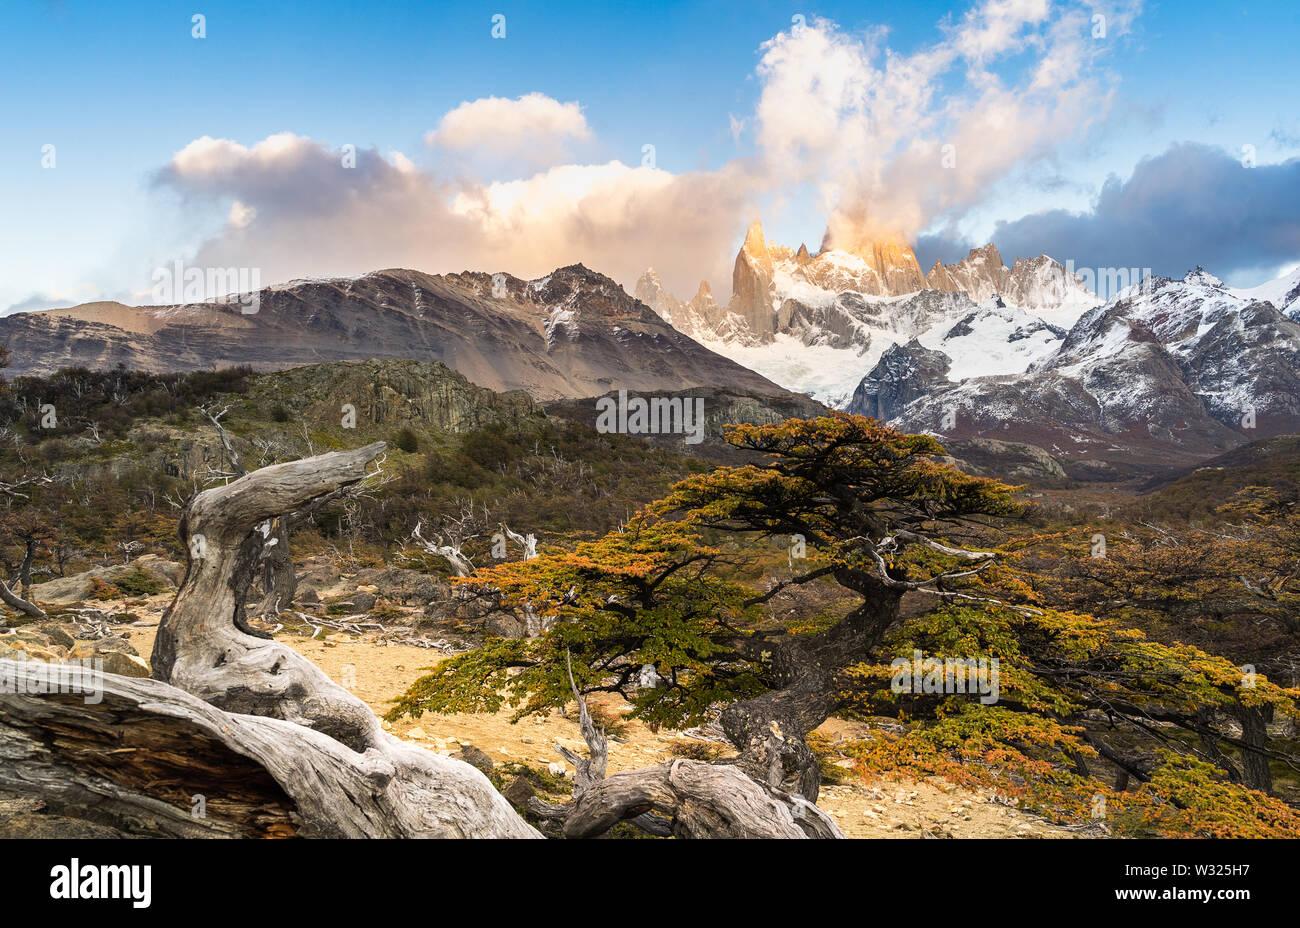 Monte Fitz Roy en el Parque Nacional Los Glaciares, El Chalten, Patagonia, Argentina. Foto de stock